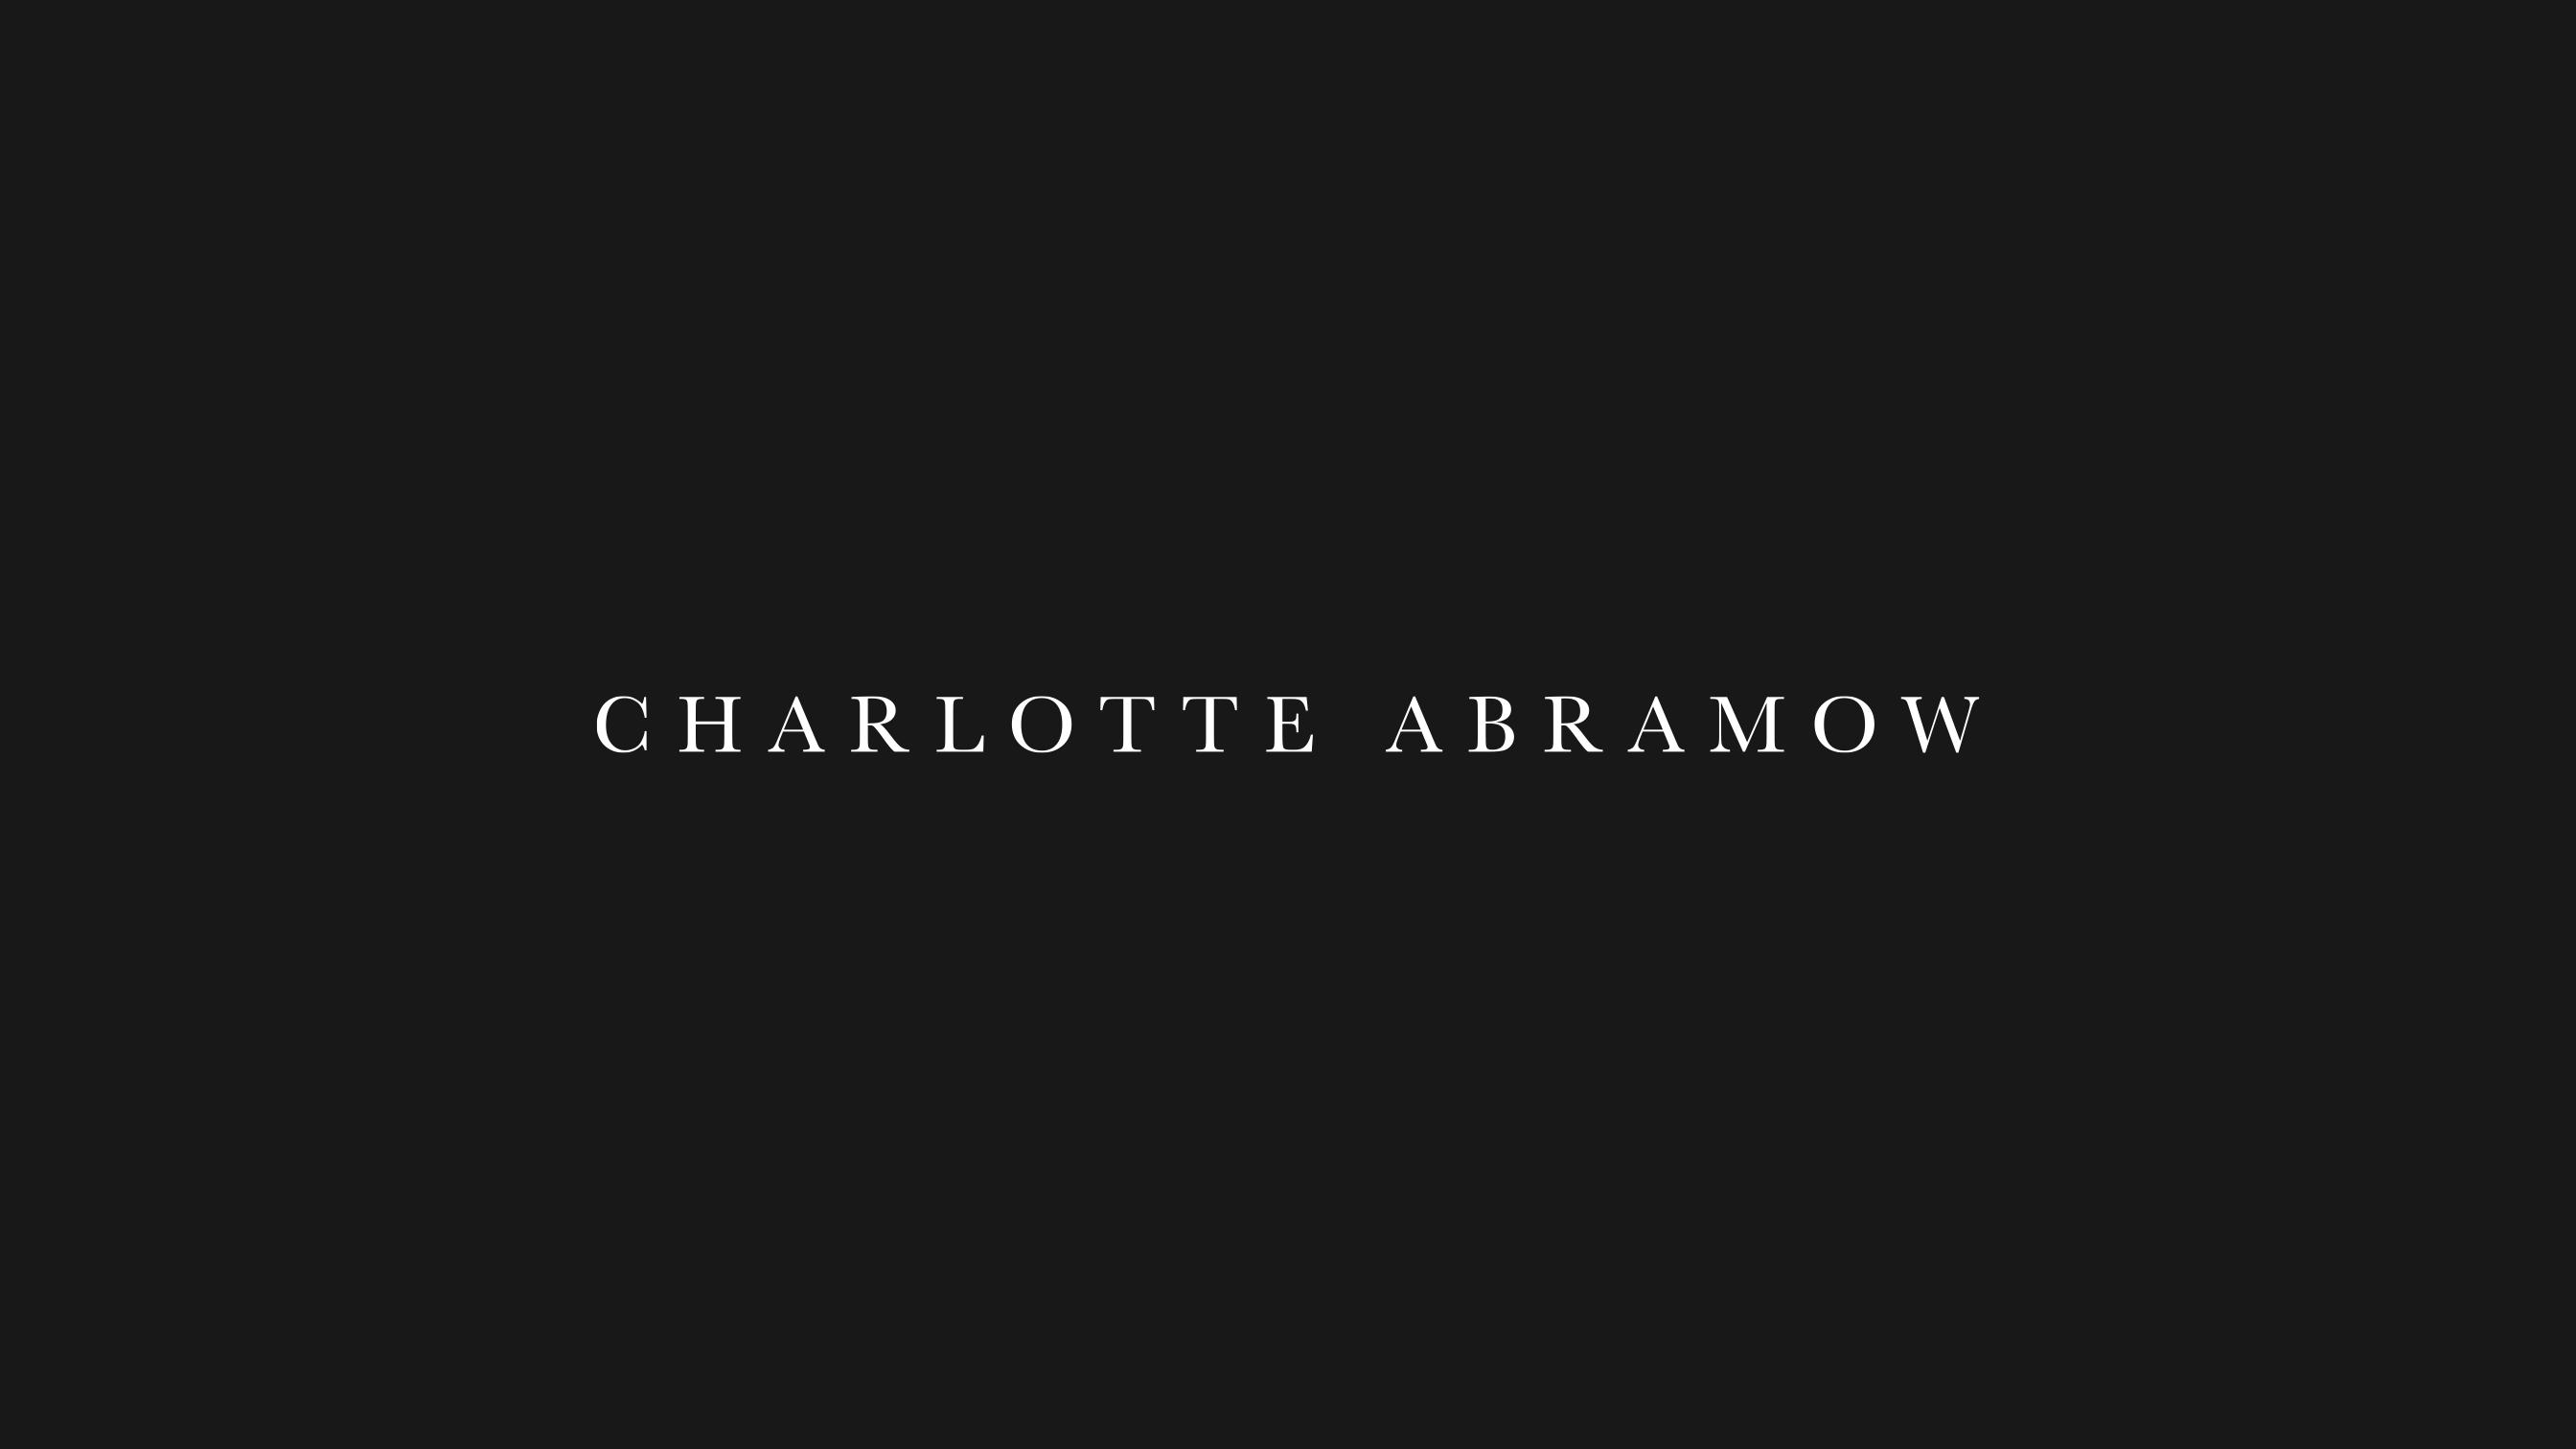 showcase-logotype-abramow